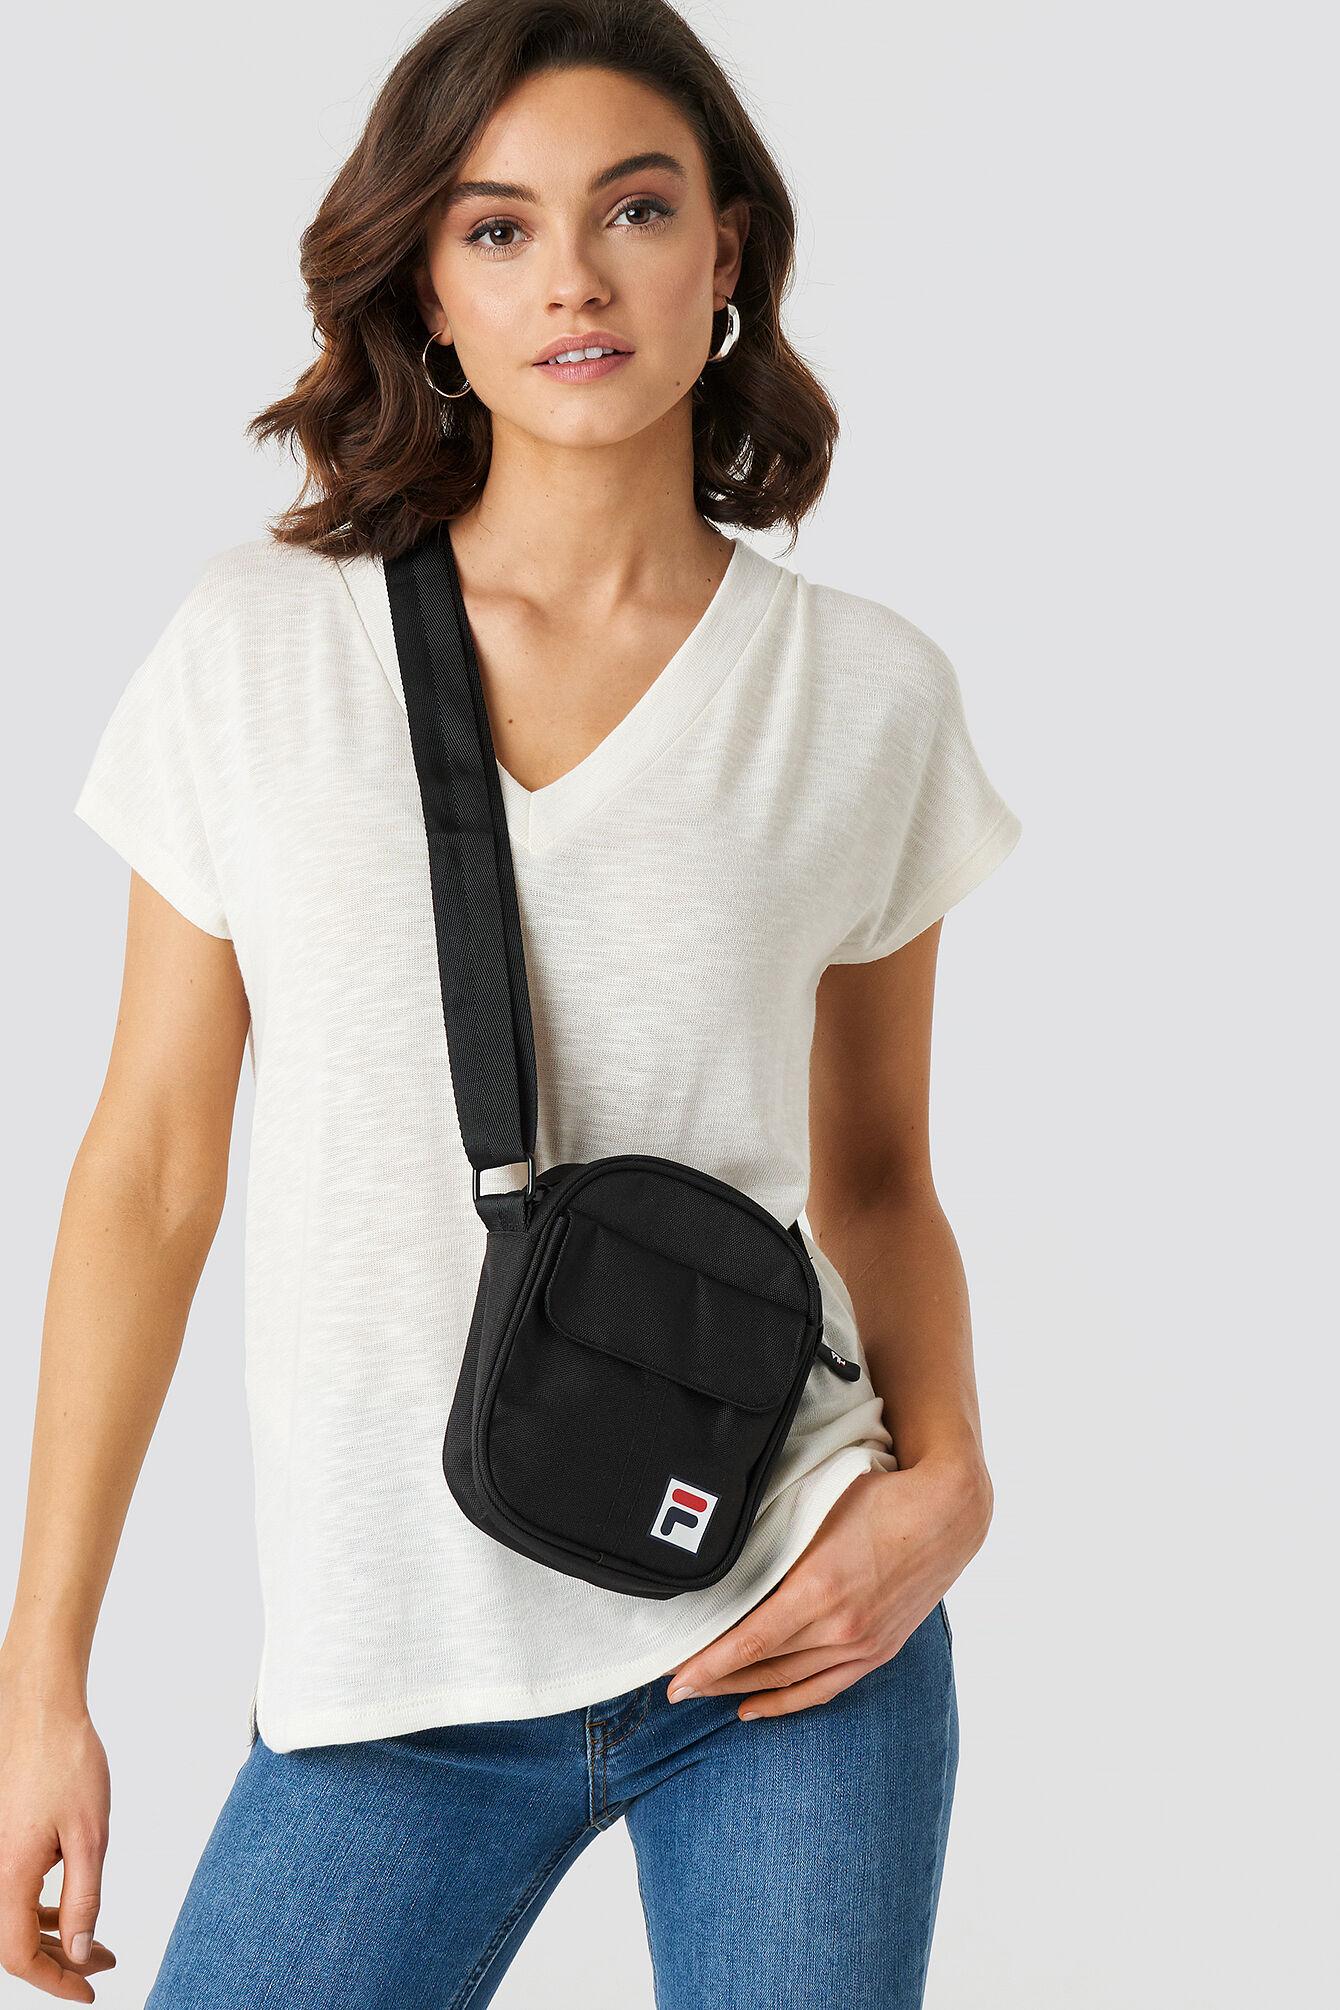 FILA Pusher Bag Milan - Black  - Size: One Size